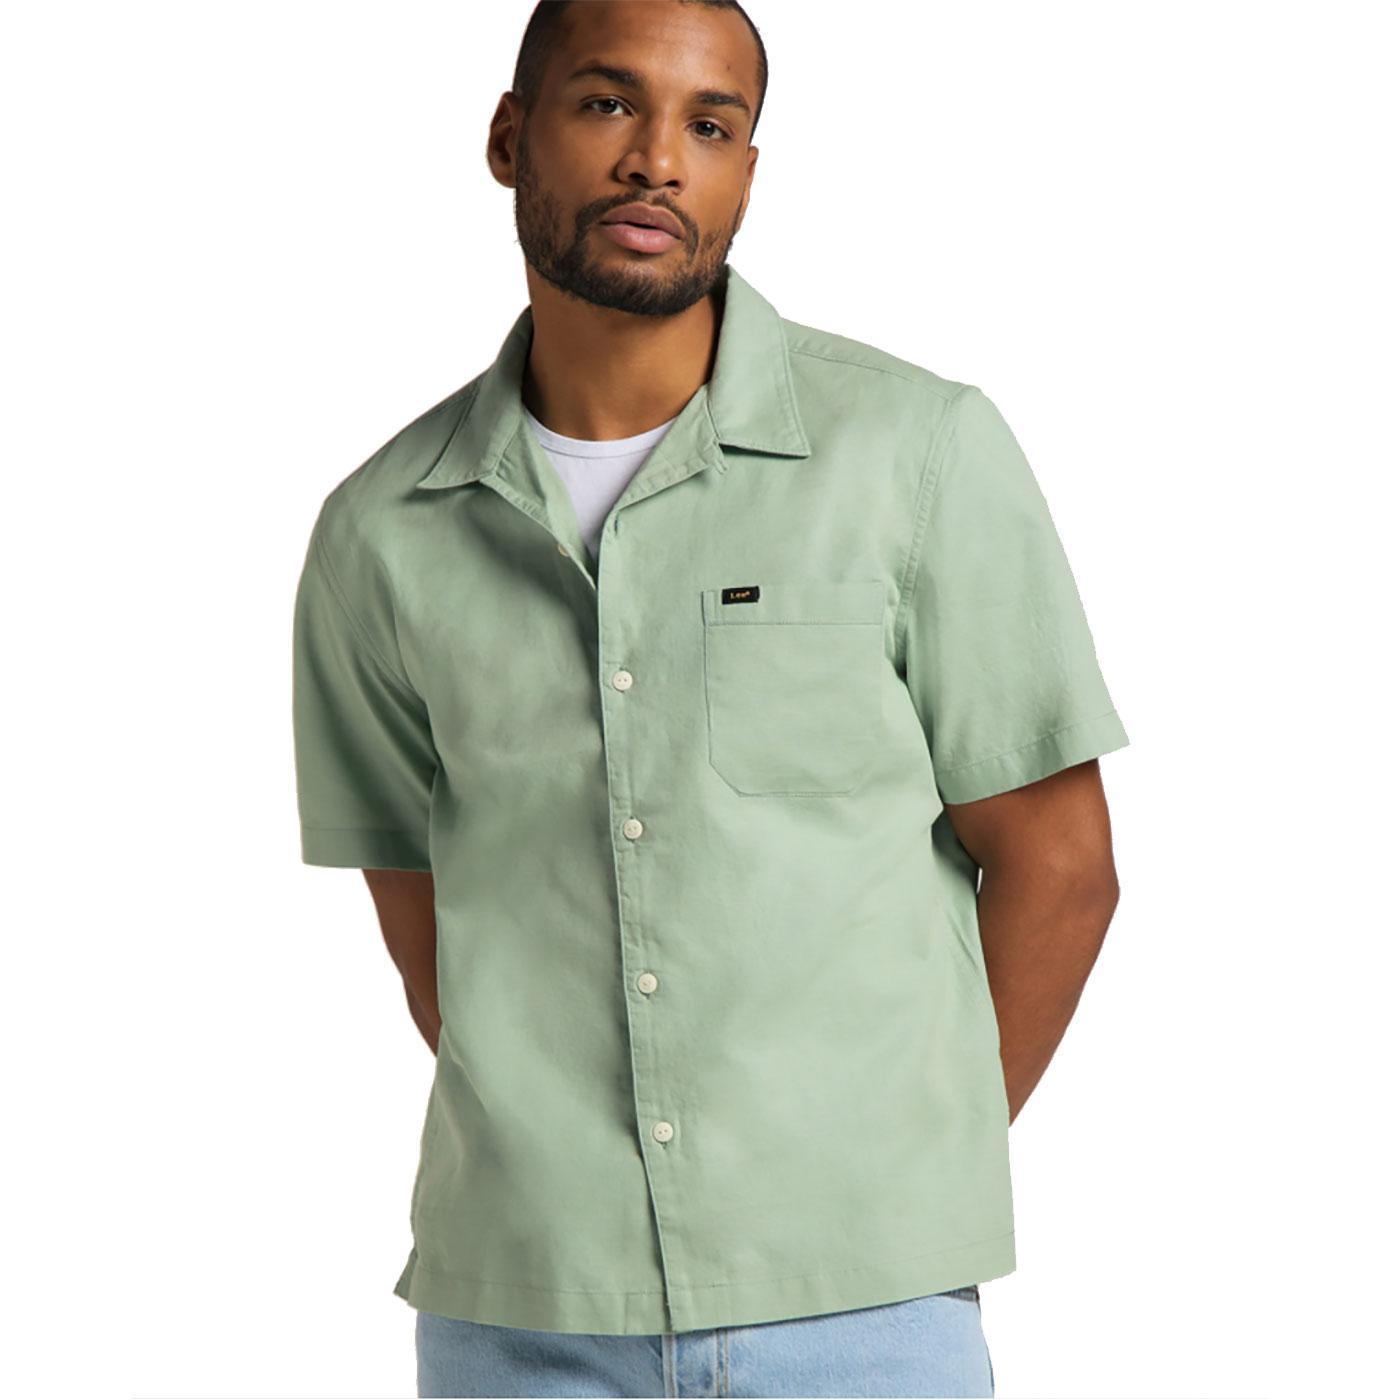 LEE JEANS Relaxed Fit Resort Collar Linen Shirt GG